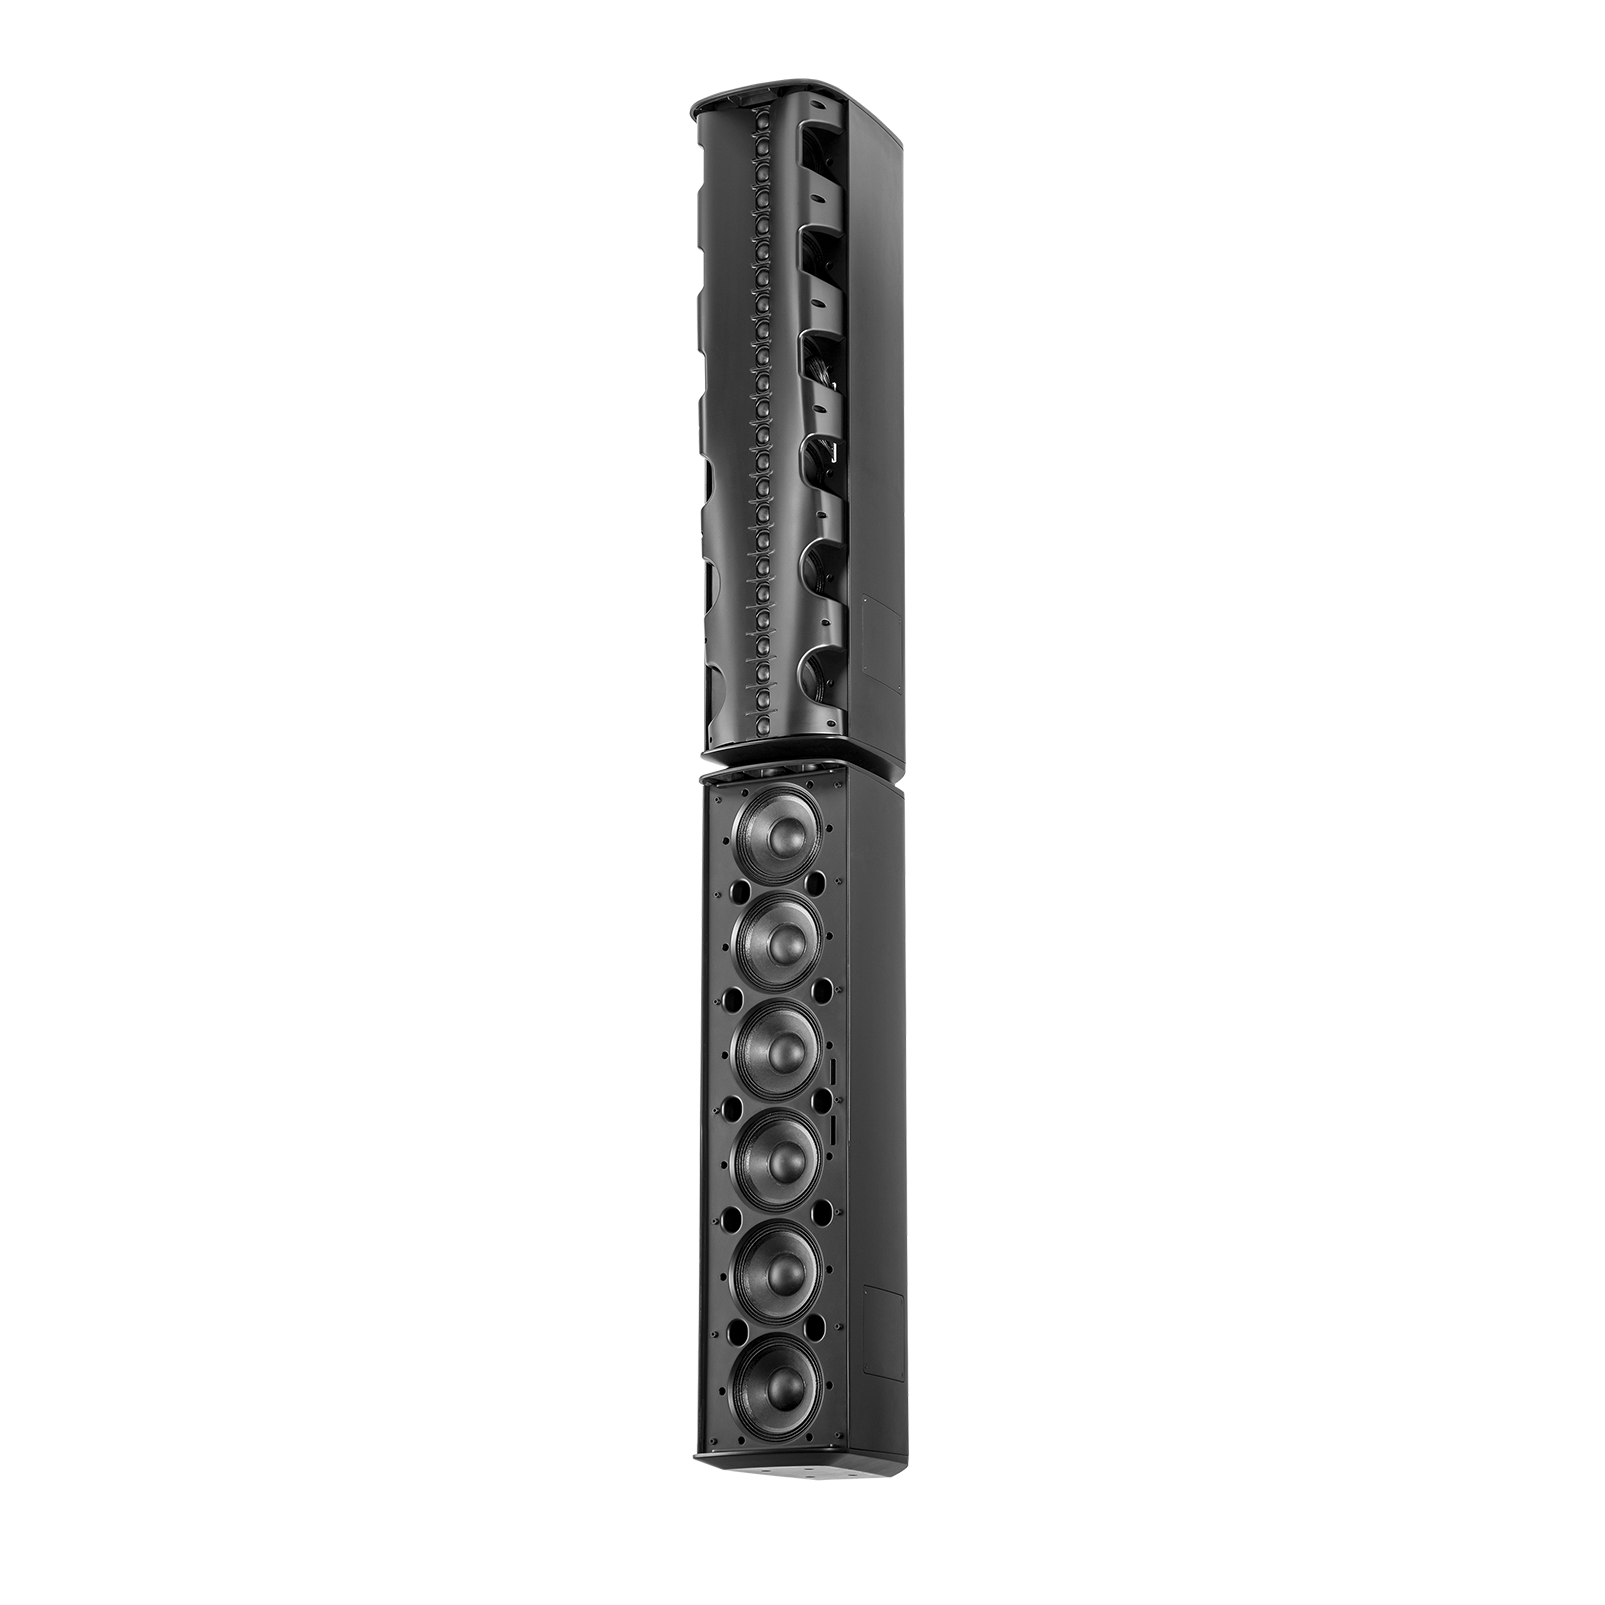 JBL CBT 1000E (B-Stock) - Black - Extension for CBT 1000 Line Array Column Speaker - Detailshot 3